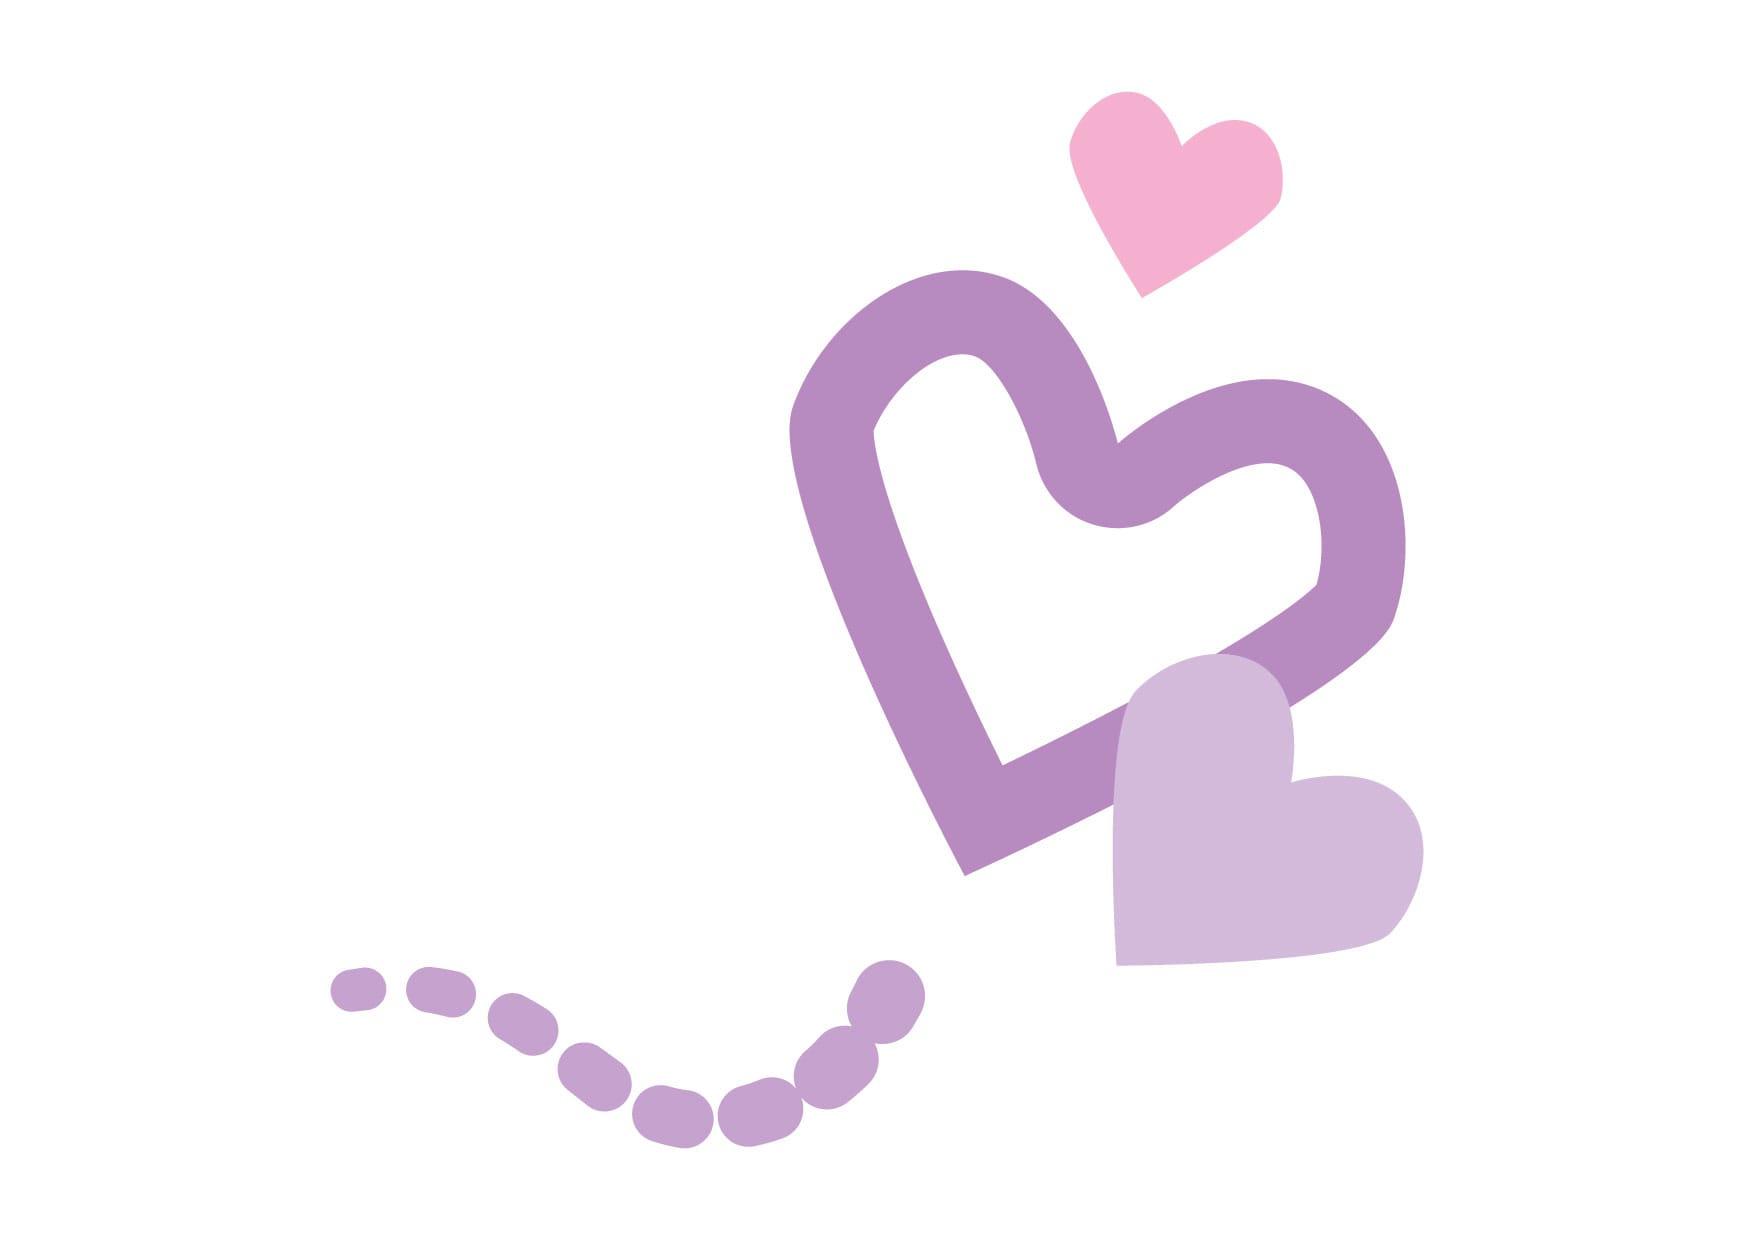 可愛いイラスト無料|ハート 飛ぶ 紫色 − free illustration Heart fly purple